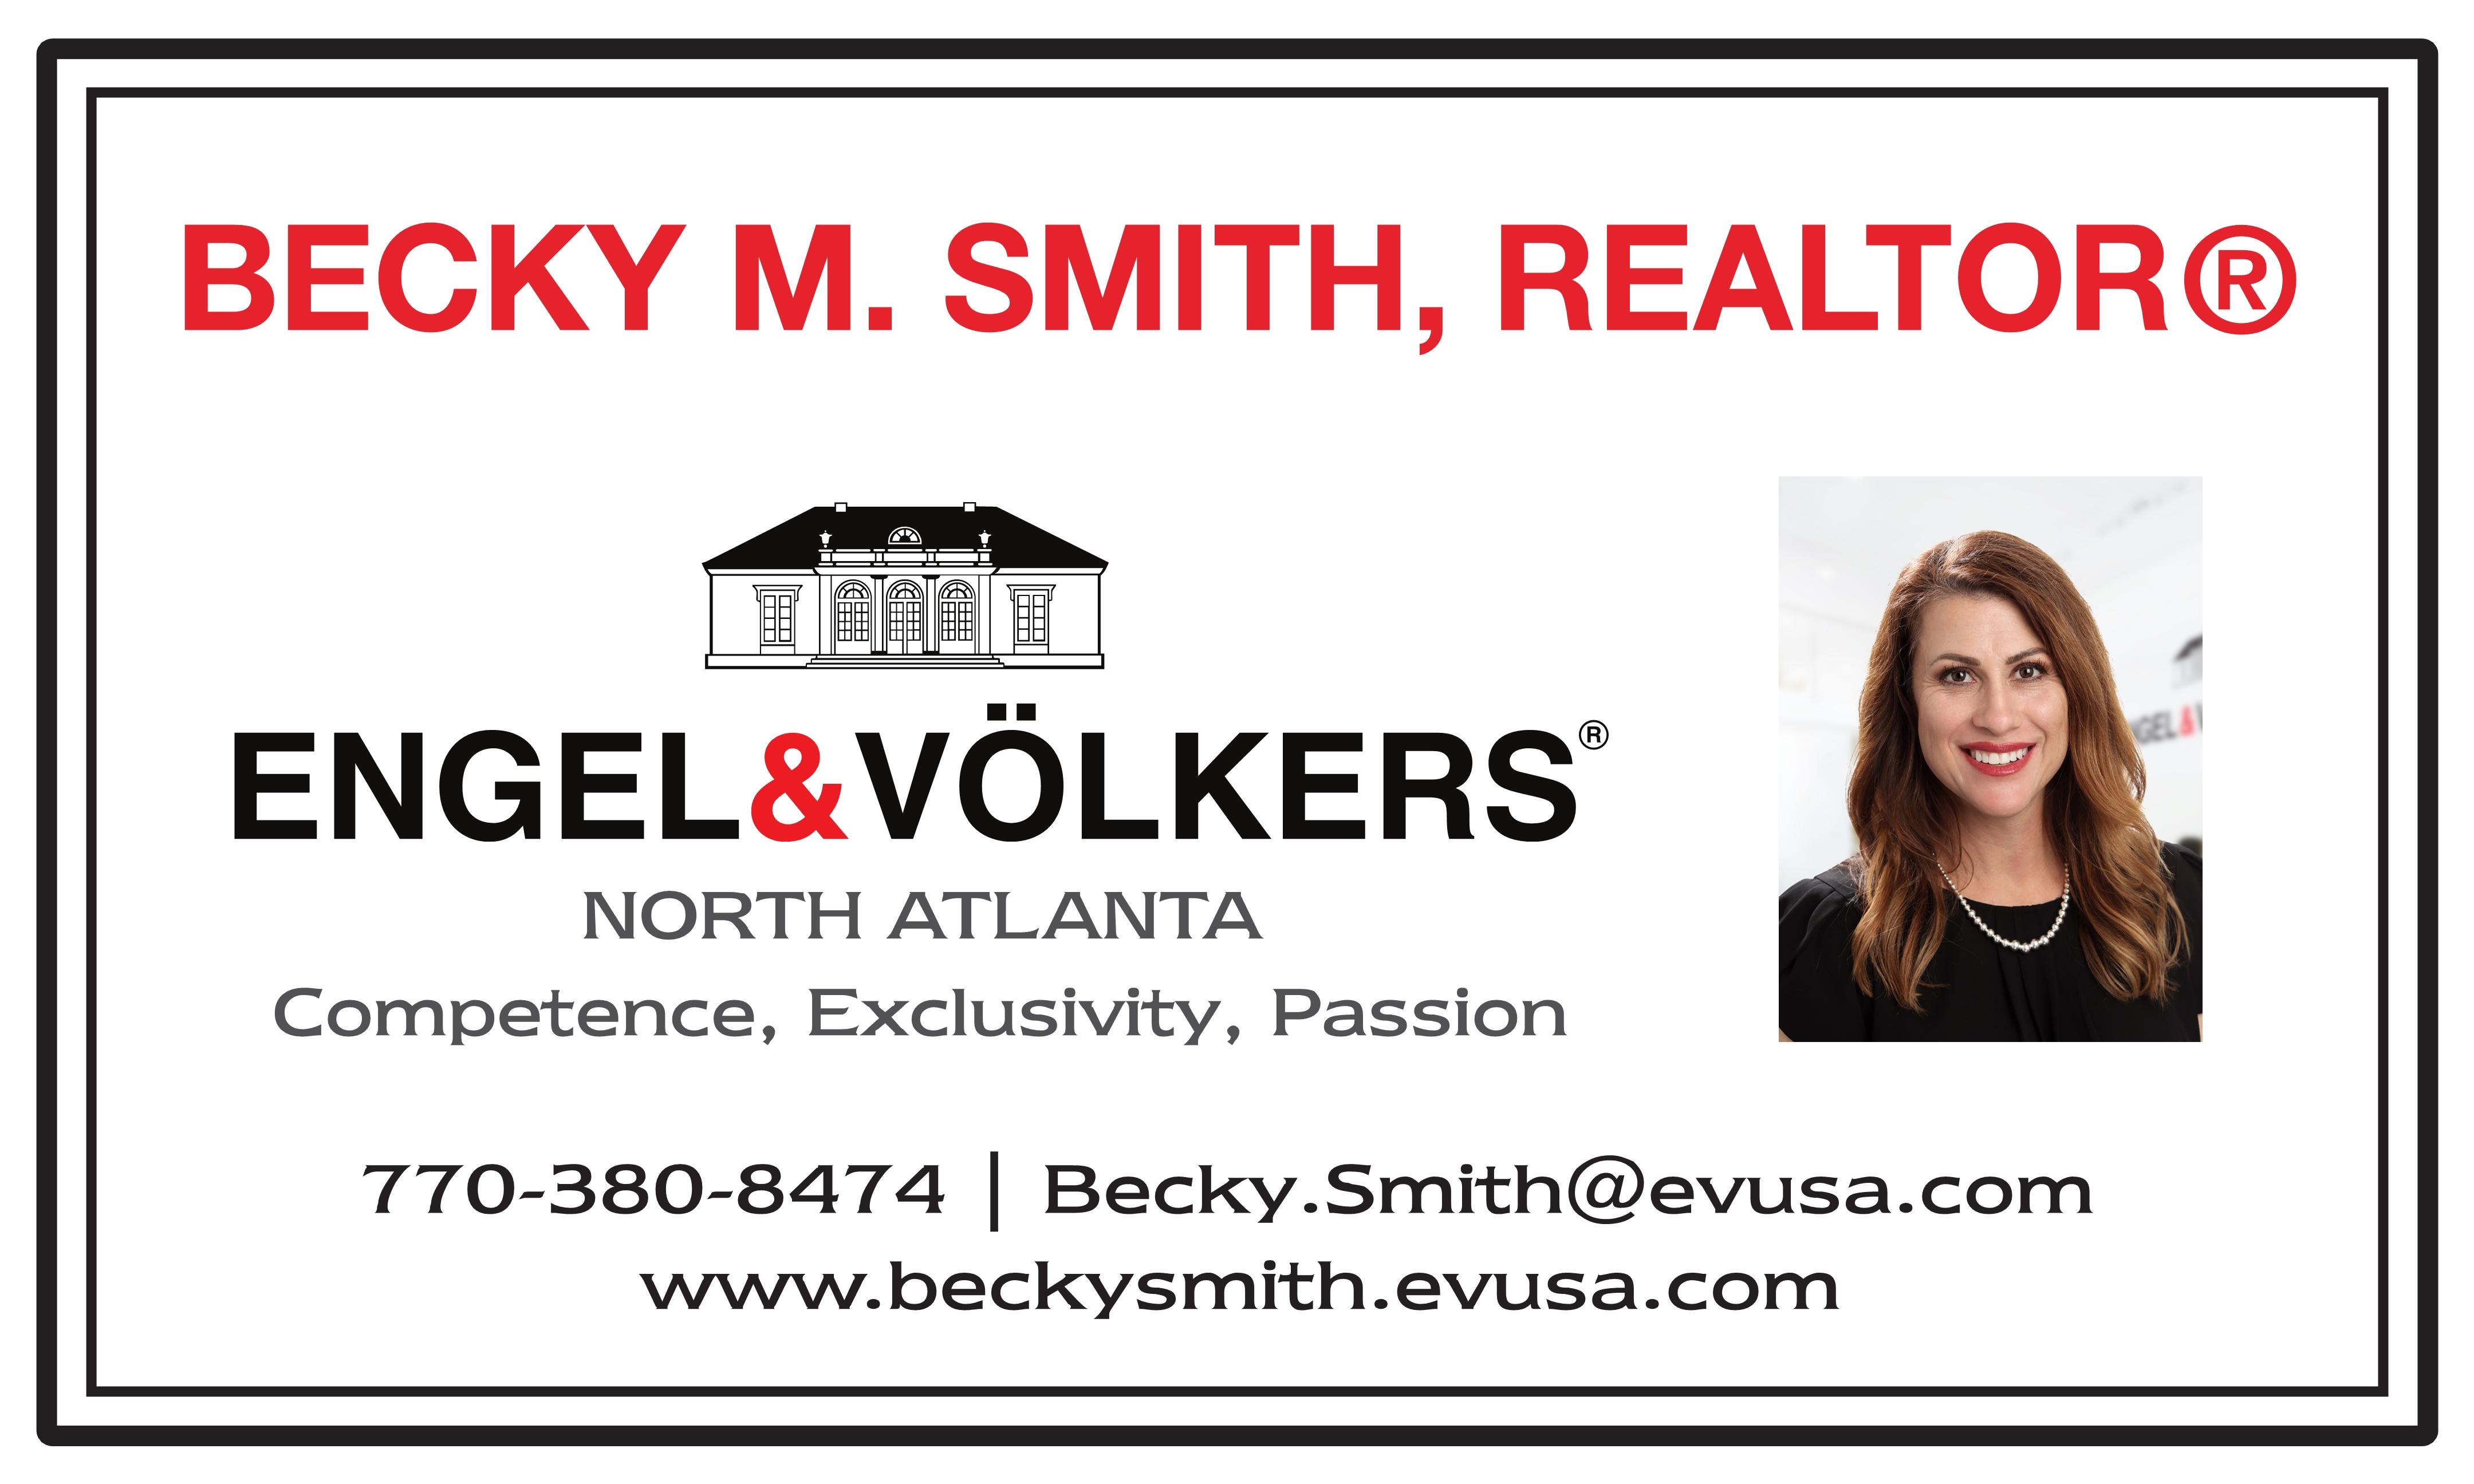 Becky Smith, Realtor